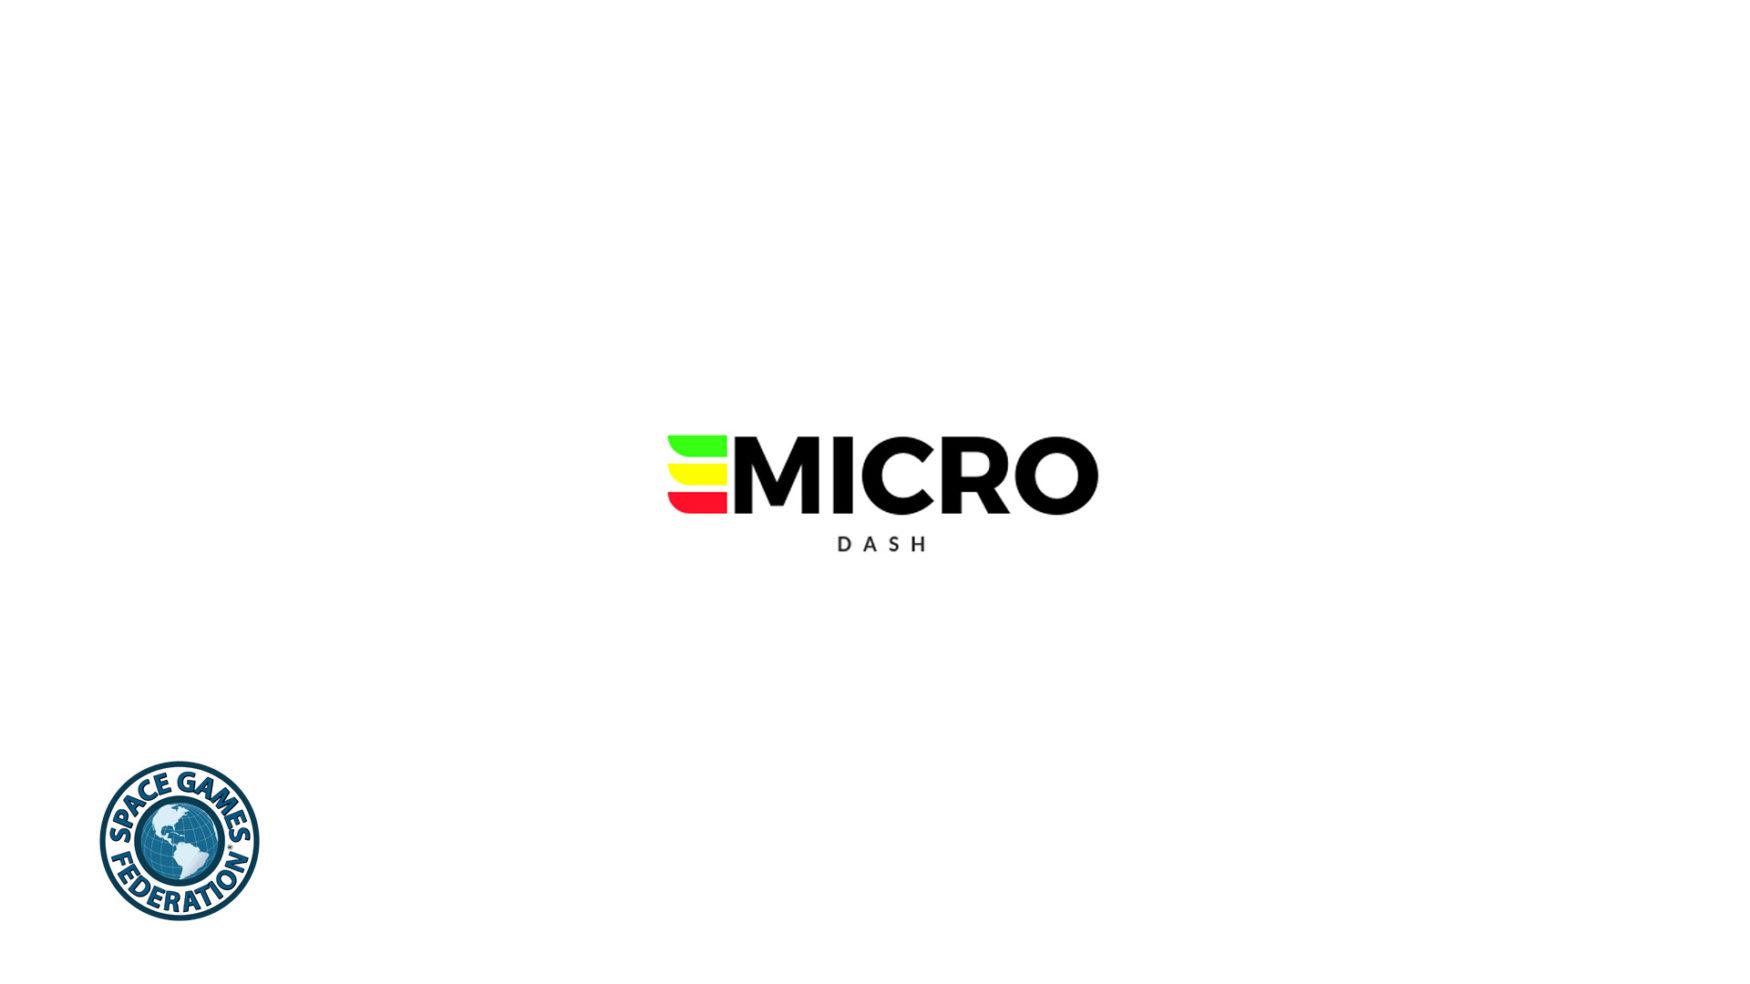 5). Microdash